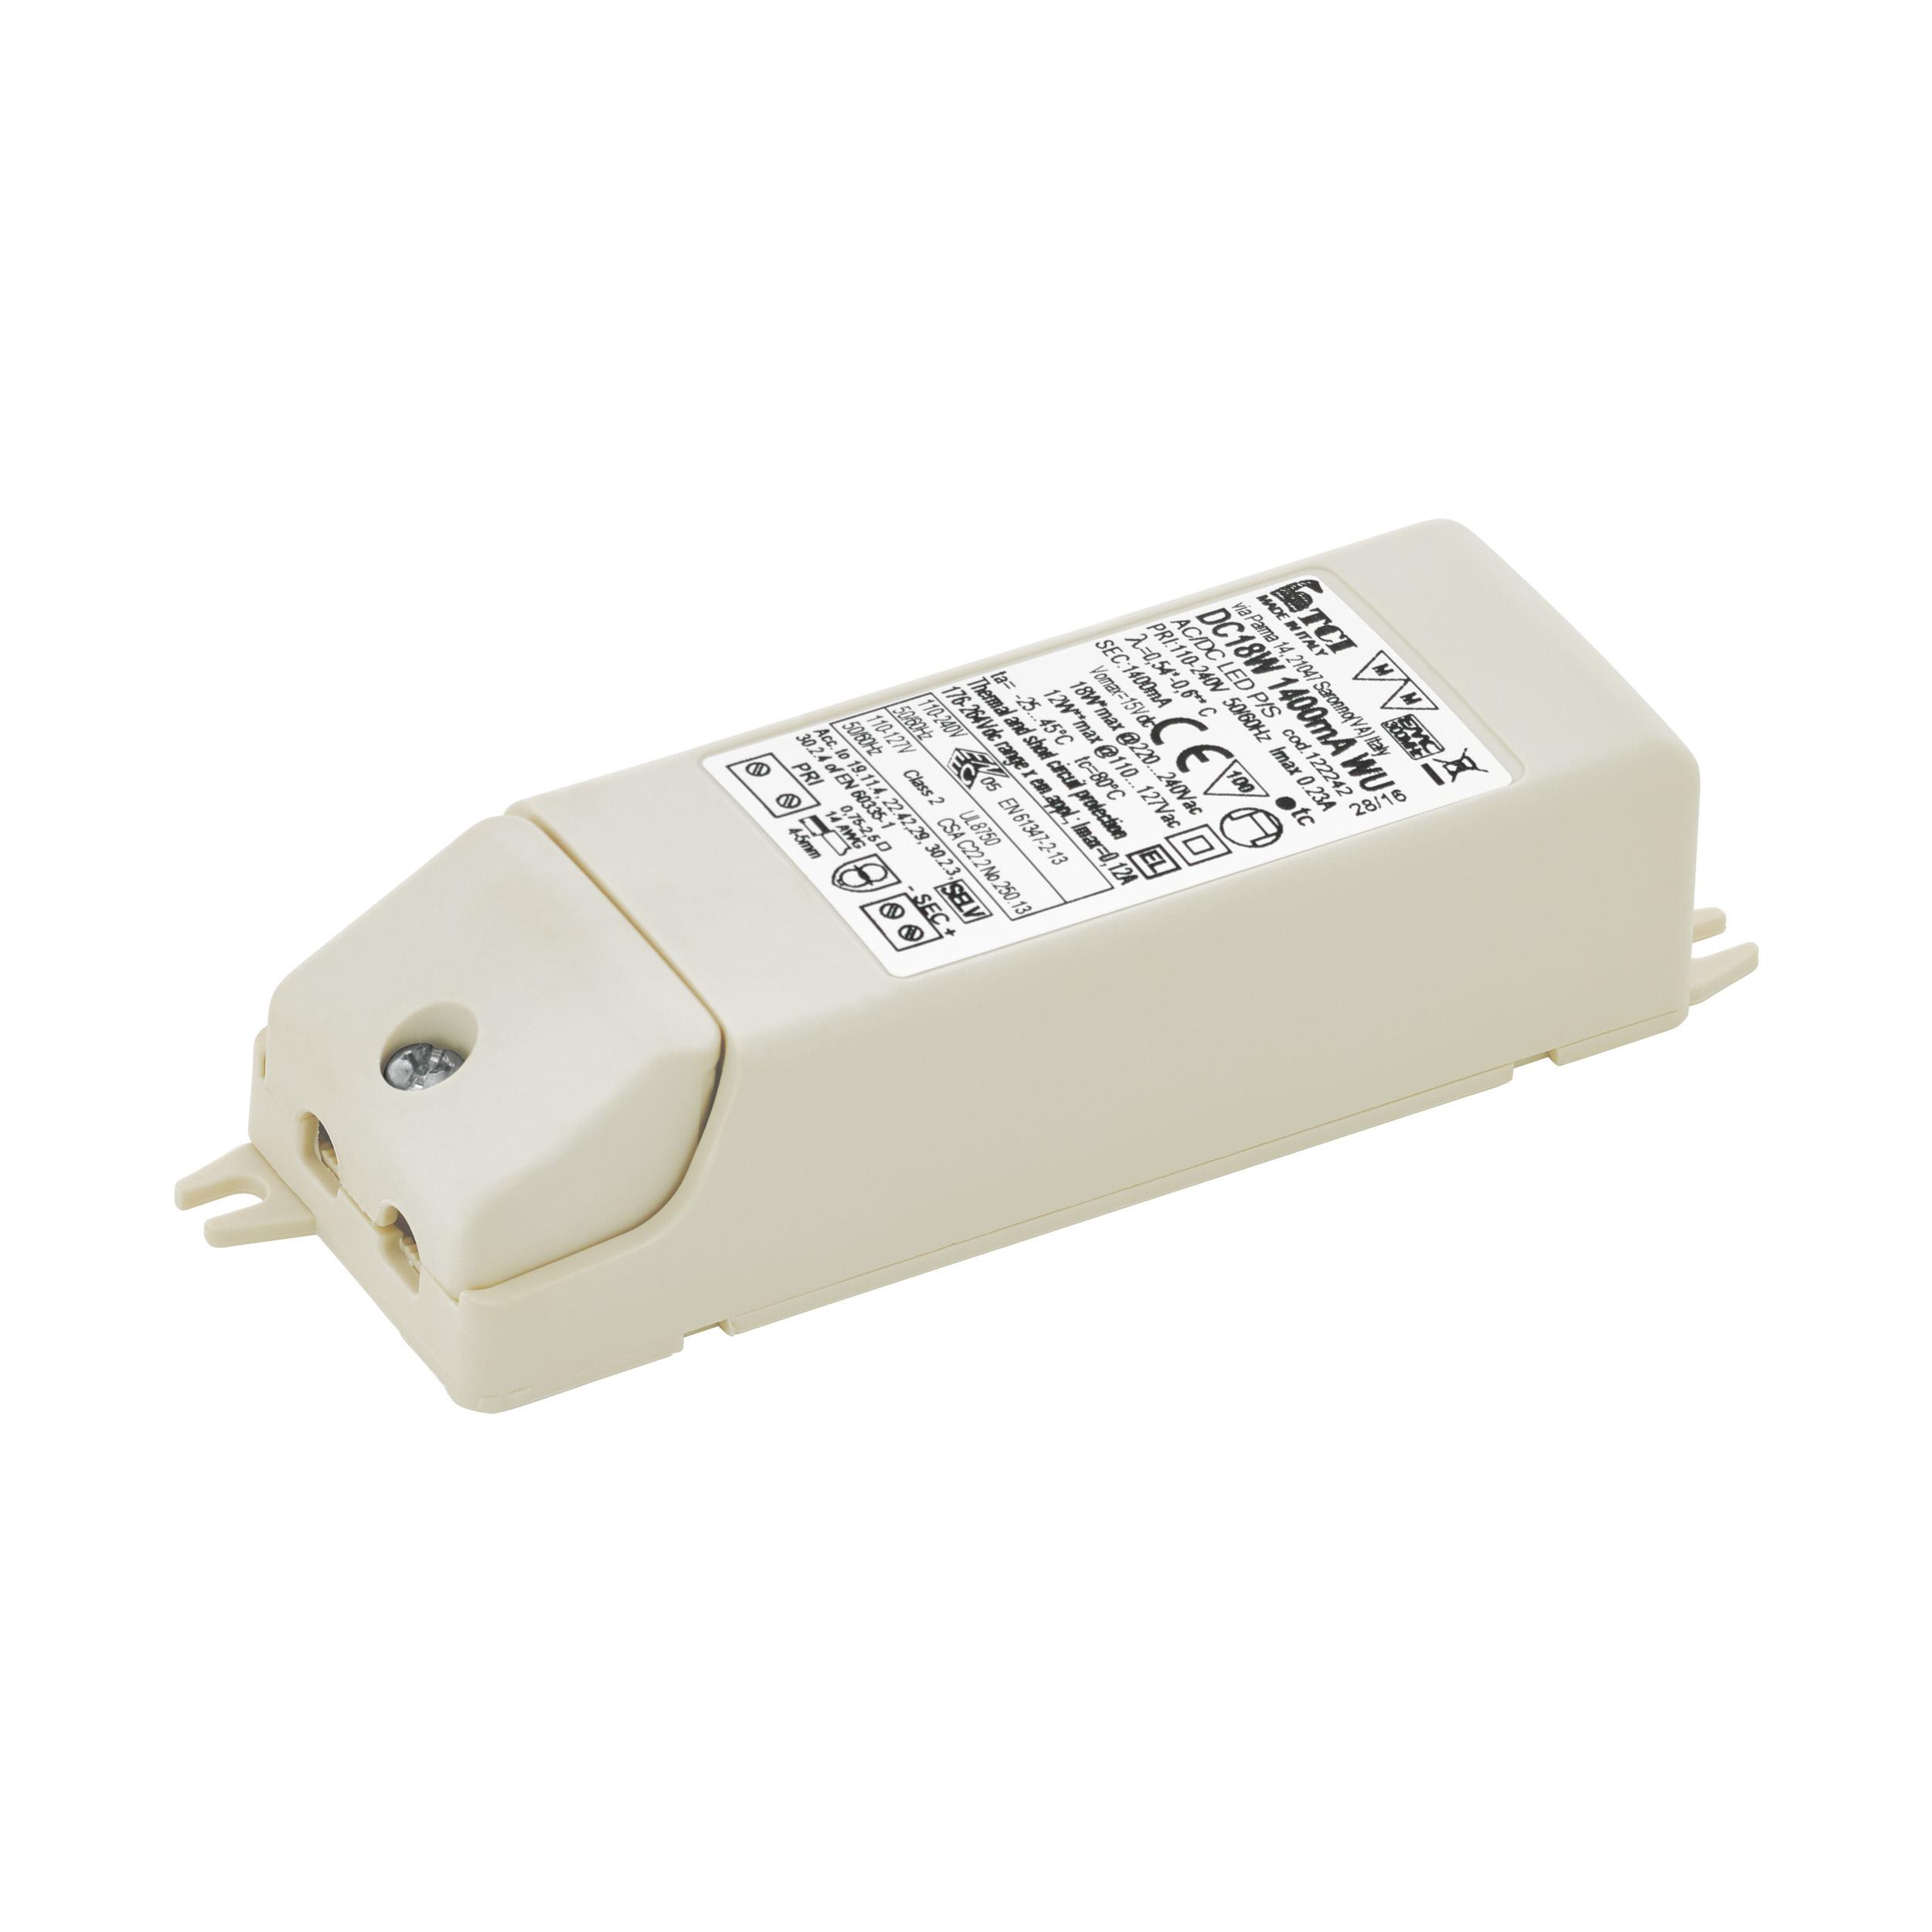 1 Stk LED-TREIBER TCI DC 18W 1400MA WU LI69254---